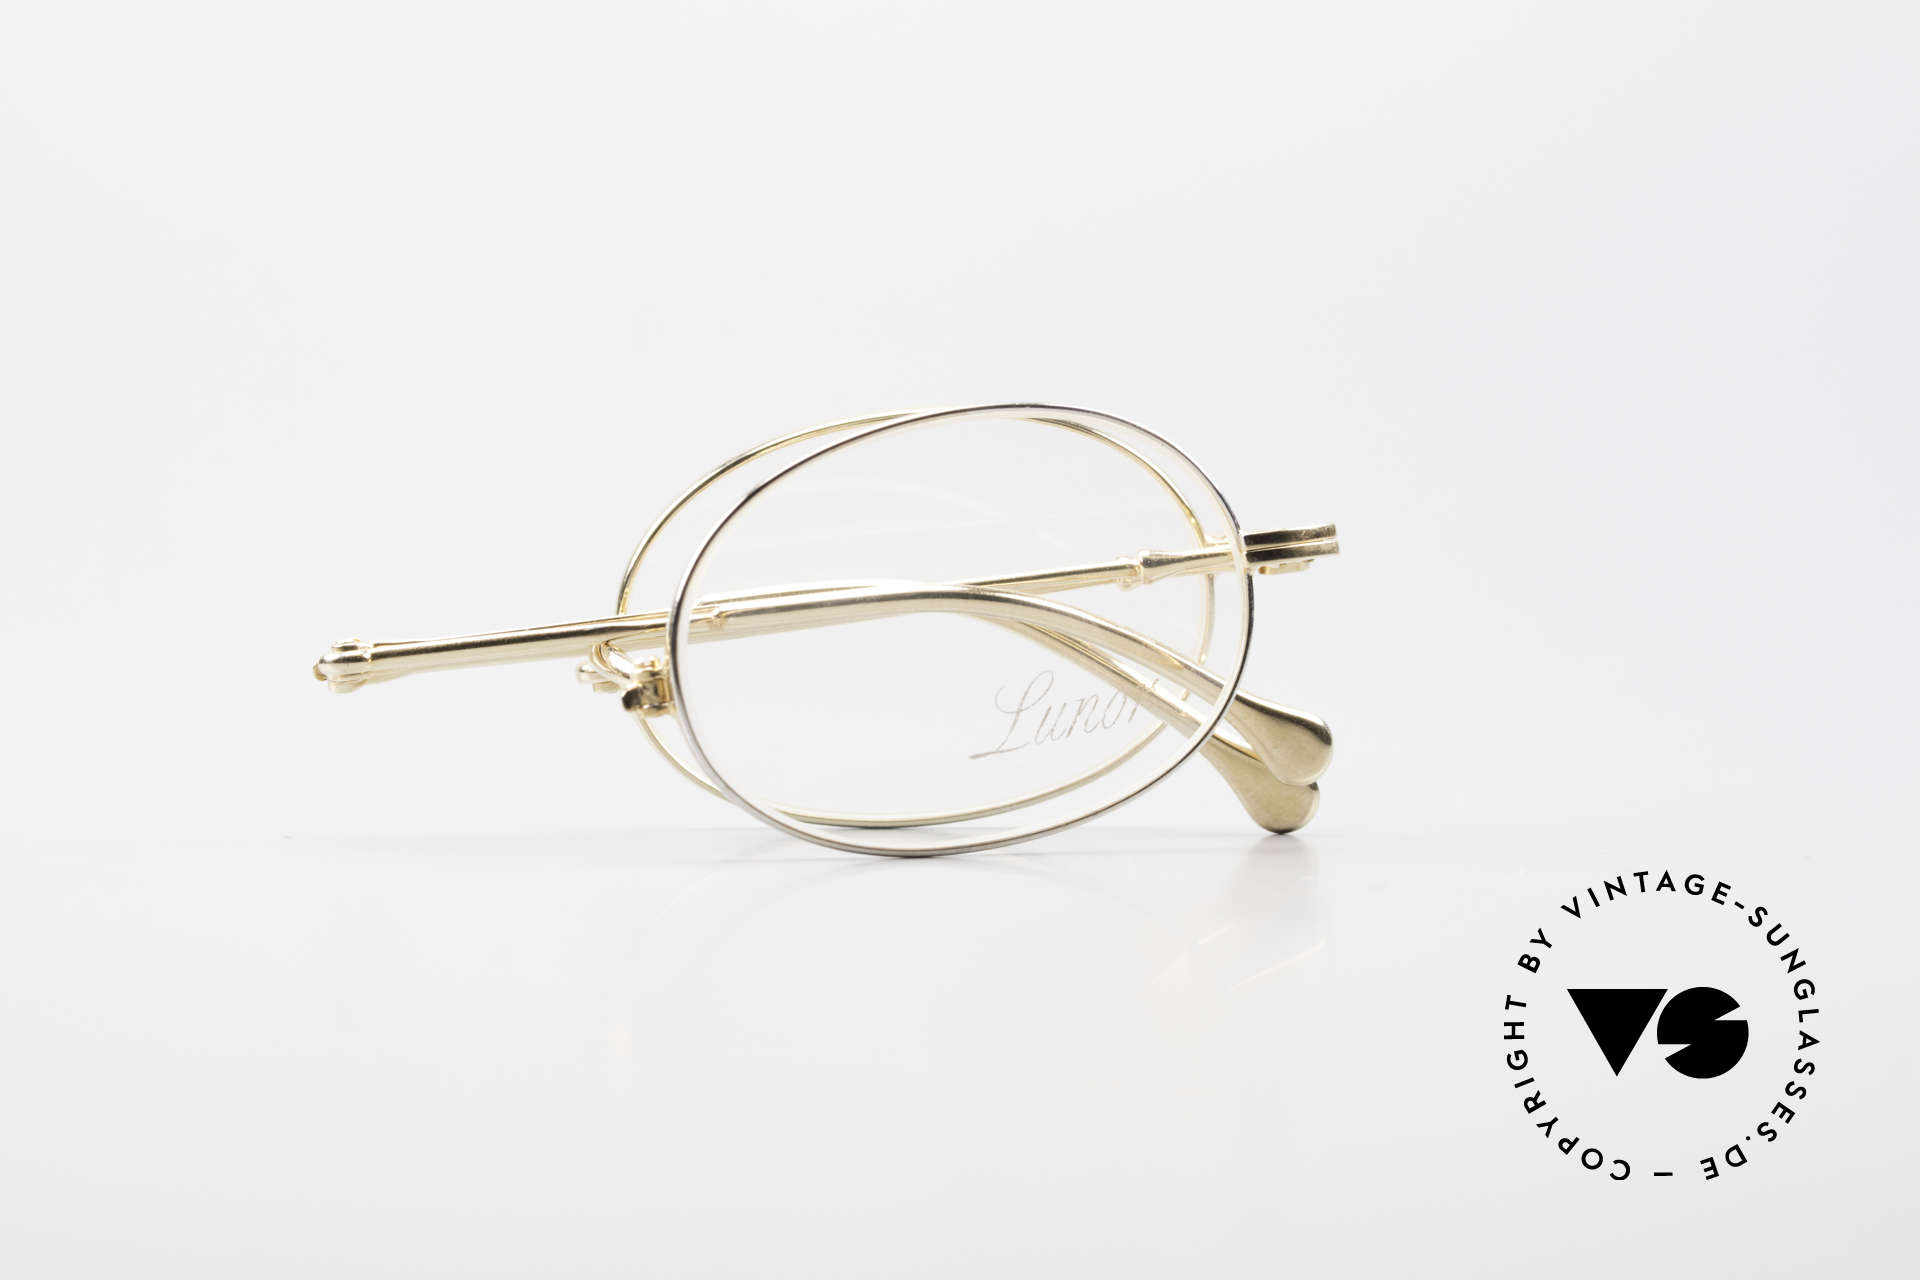 Lunor XXV Folding 04 Oval Foldable Frame Gold Plated, NO RETRO EYEGLASSES, but a precious LUNOR ORIGINAL, Made for Men and Women